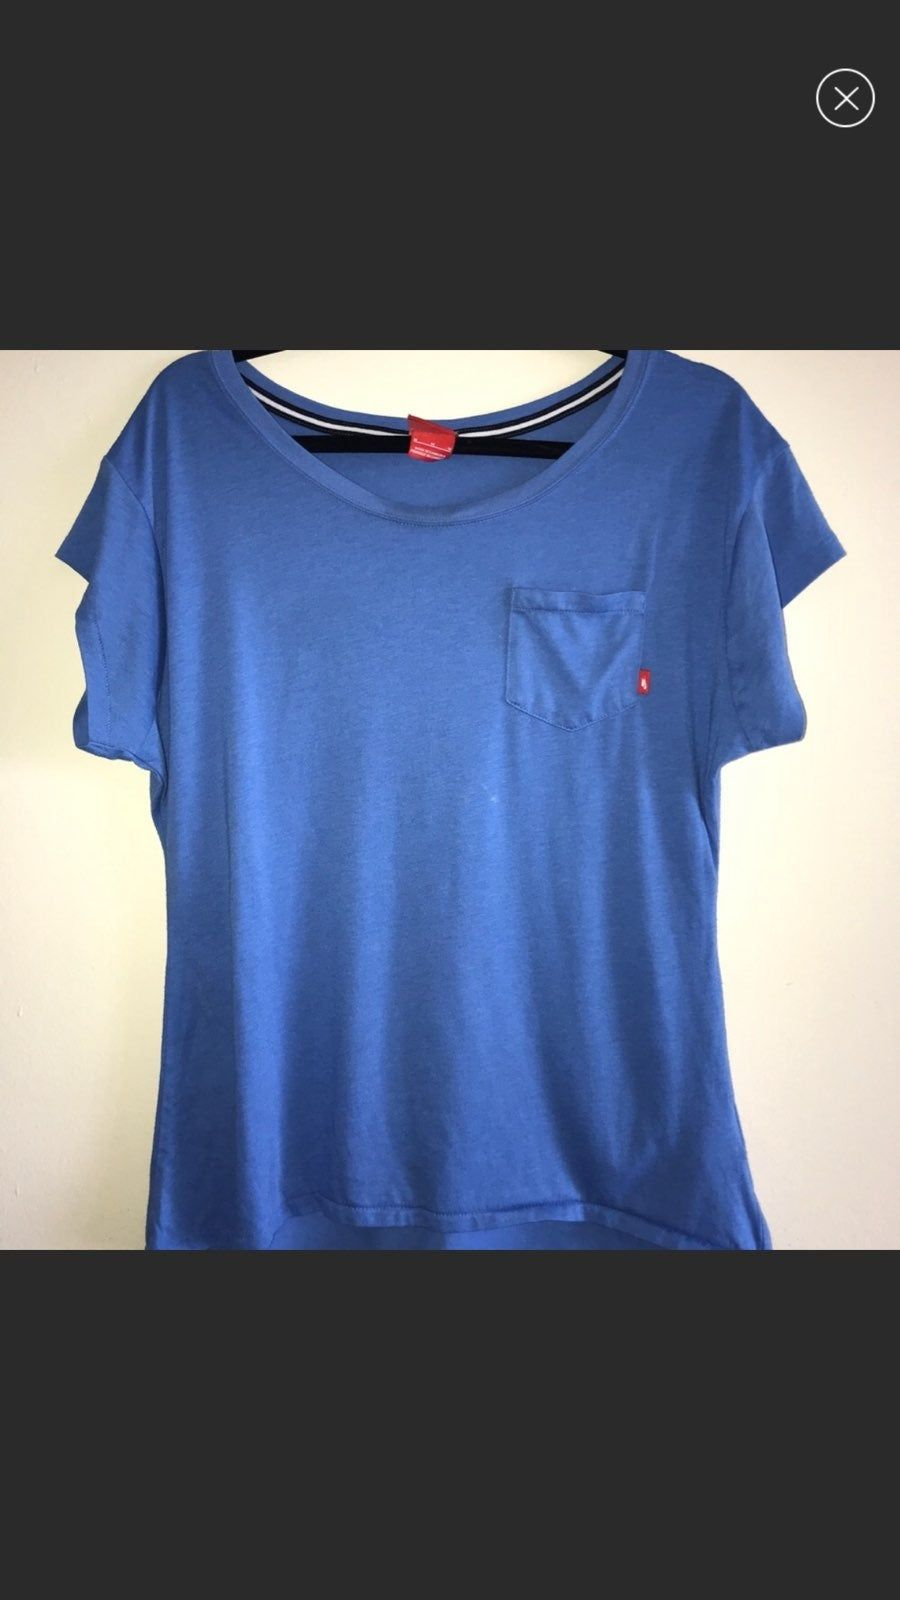 Vintage Light Blue Nike Shirt With Front Pocket Size Medium Blue Nike Shirts